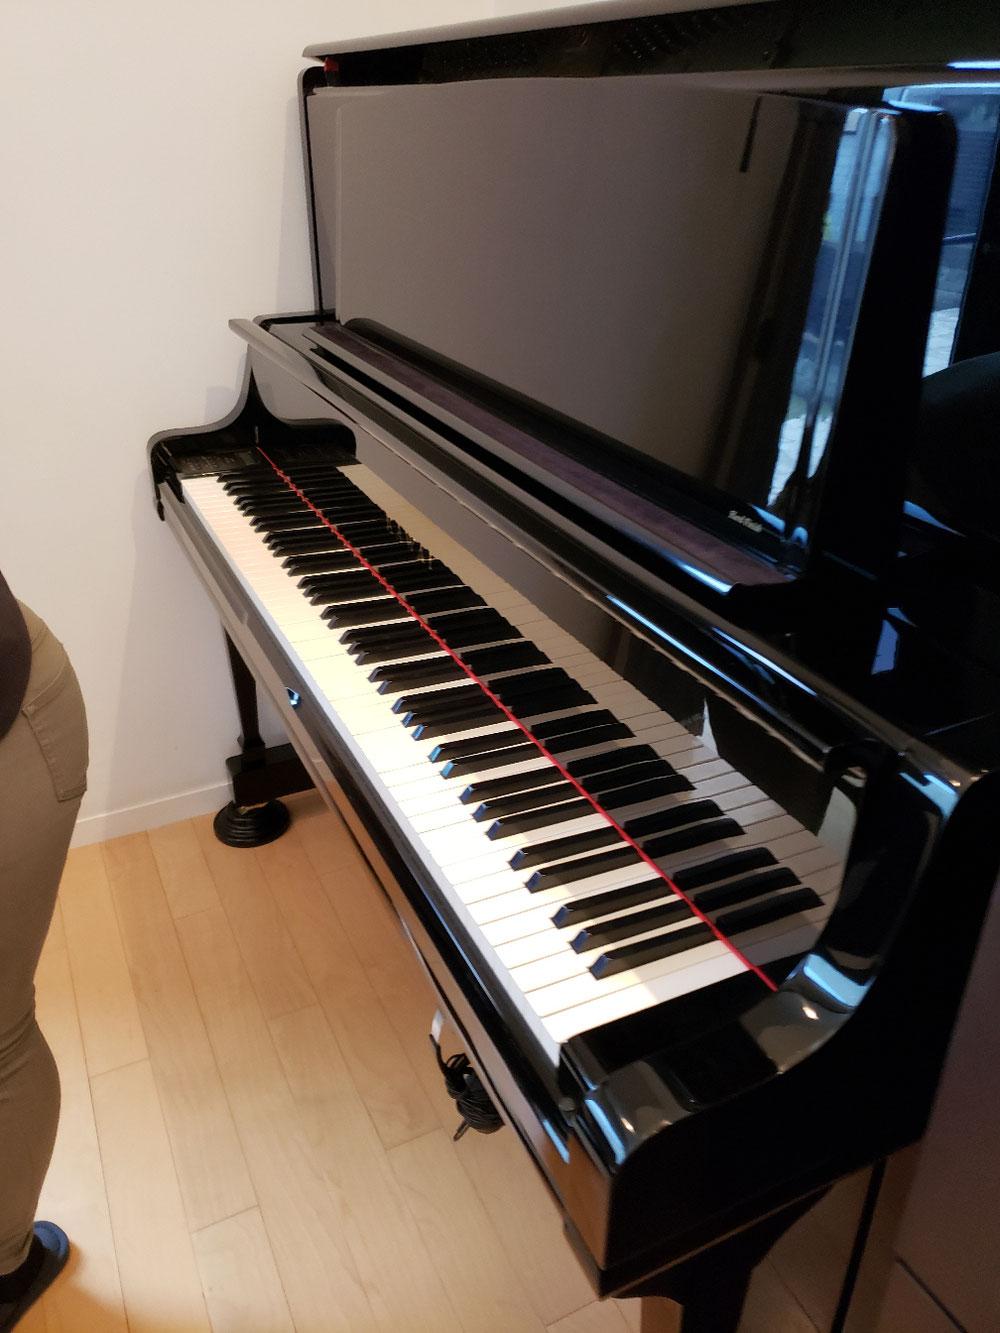 ピアノクリーニングは弊社にお任せ下さい。